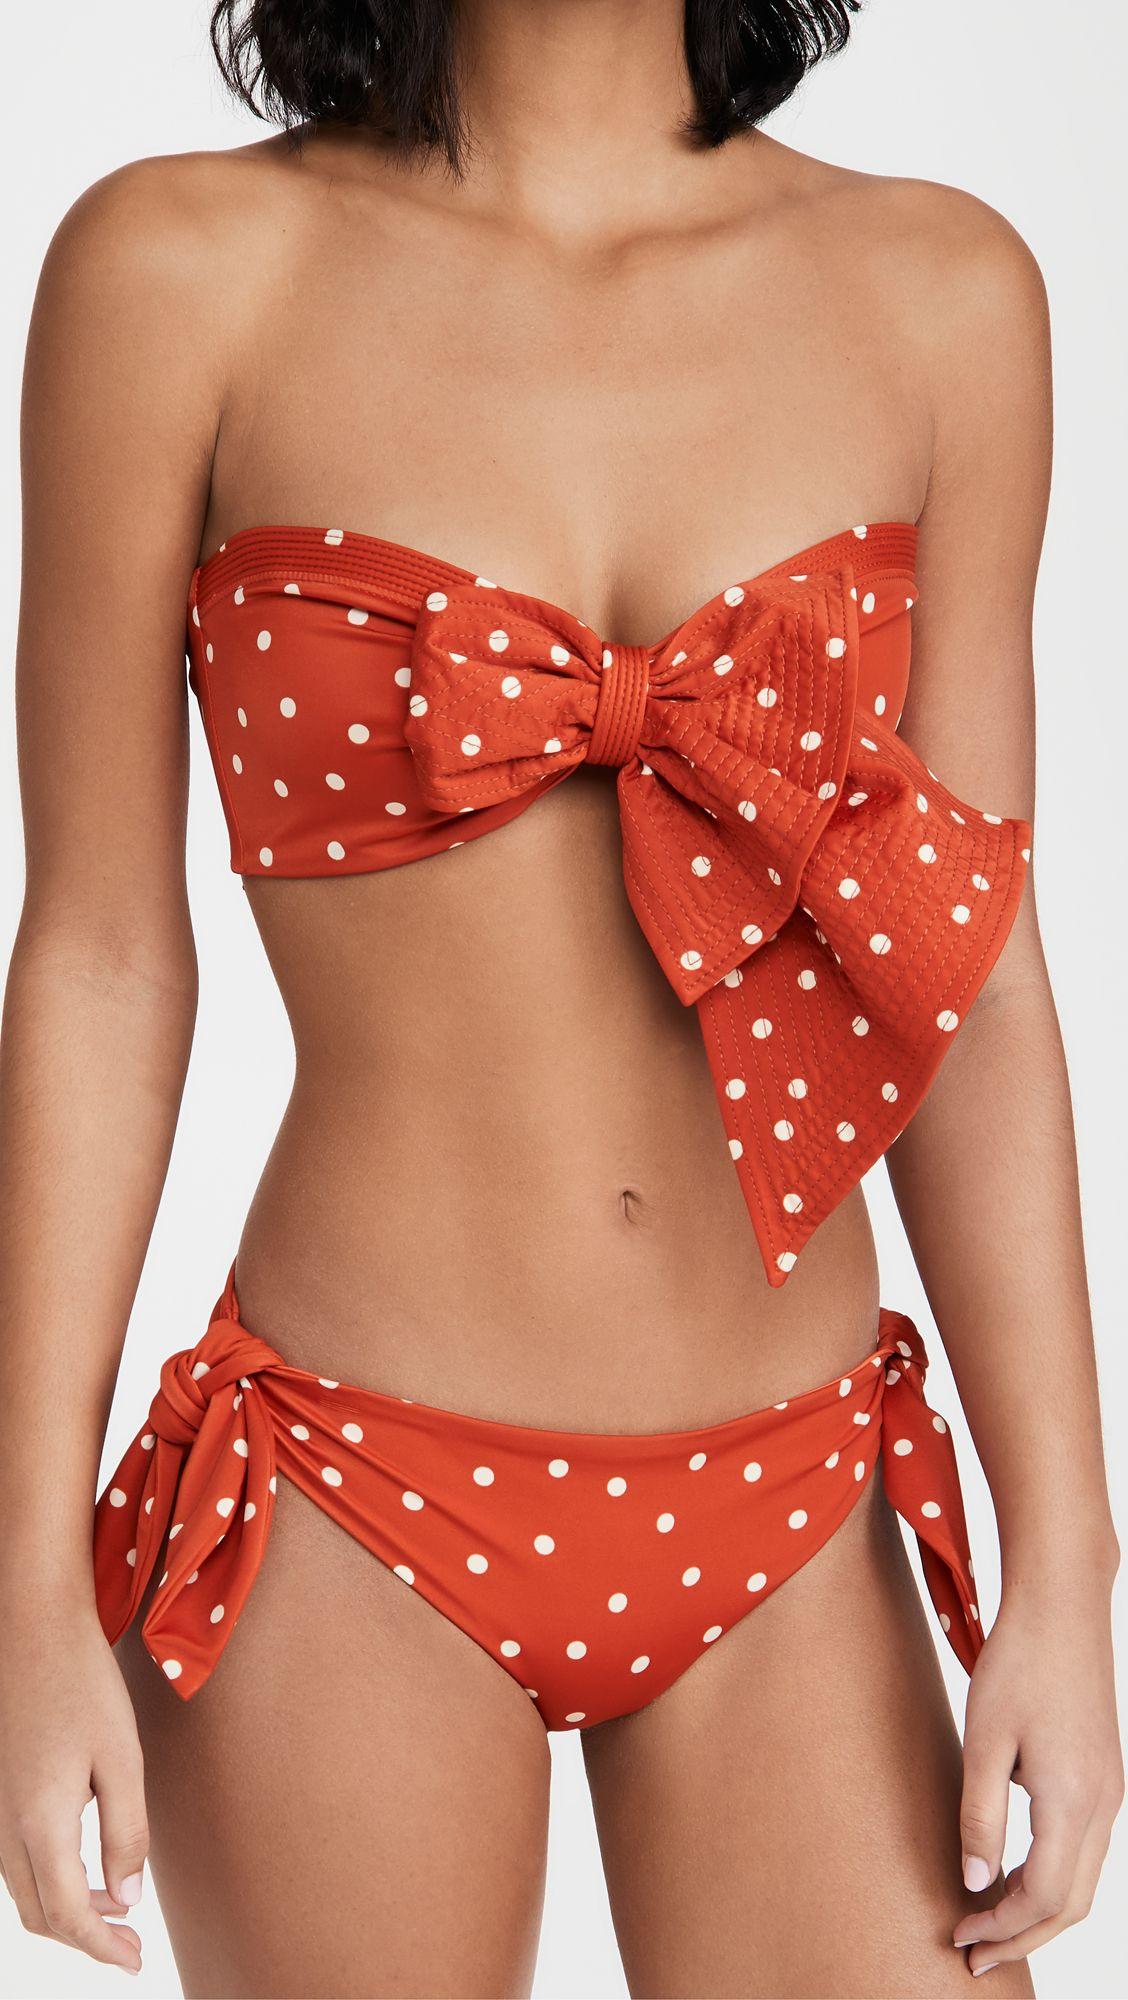 low rise bikini 279600 1620062109101